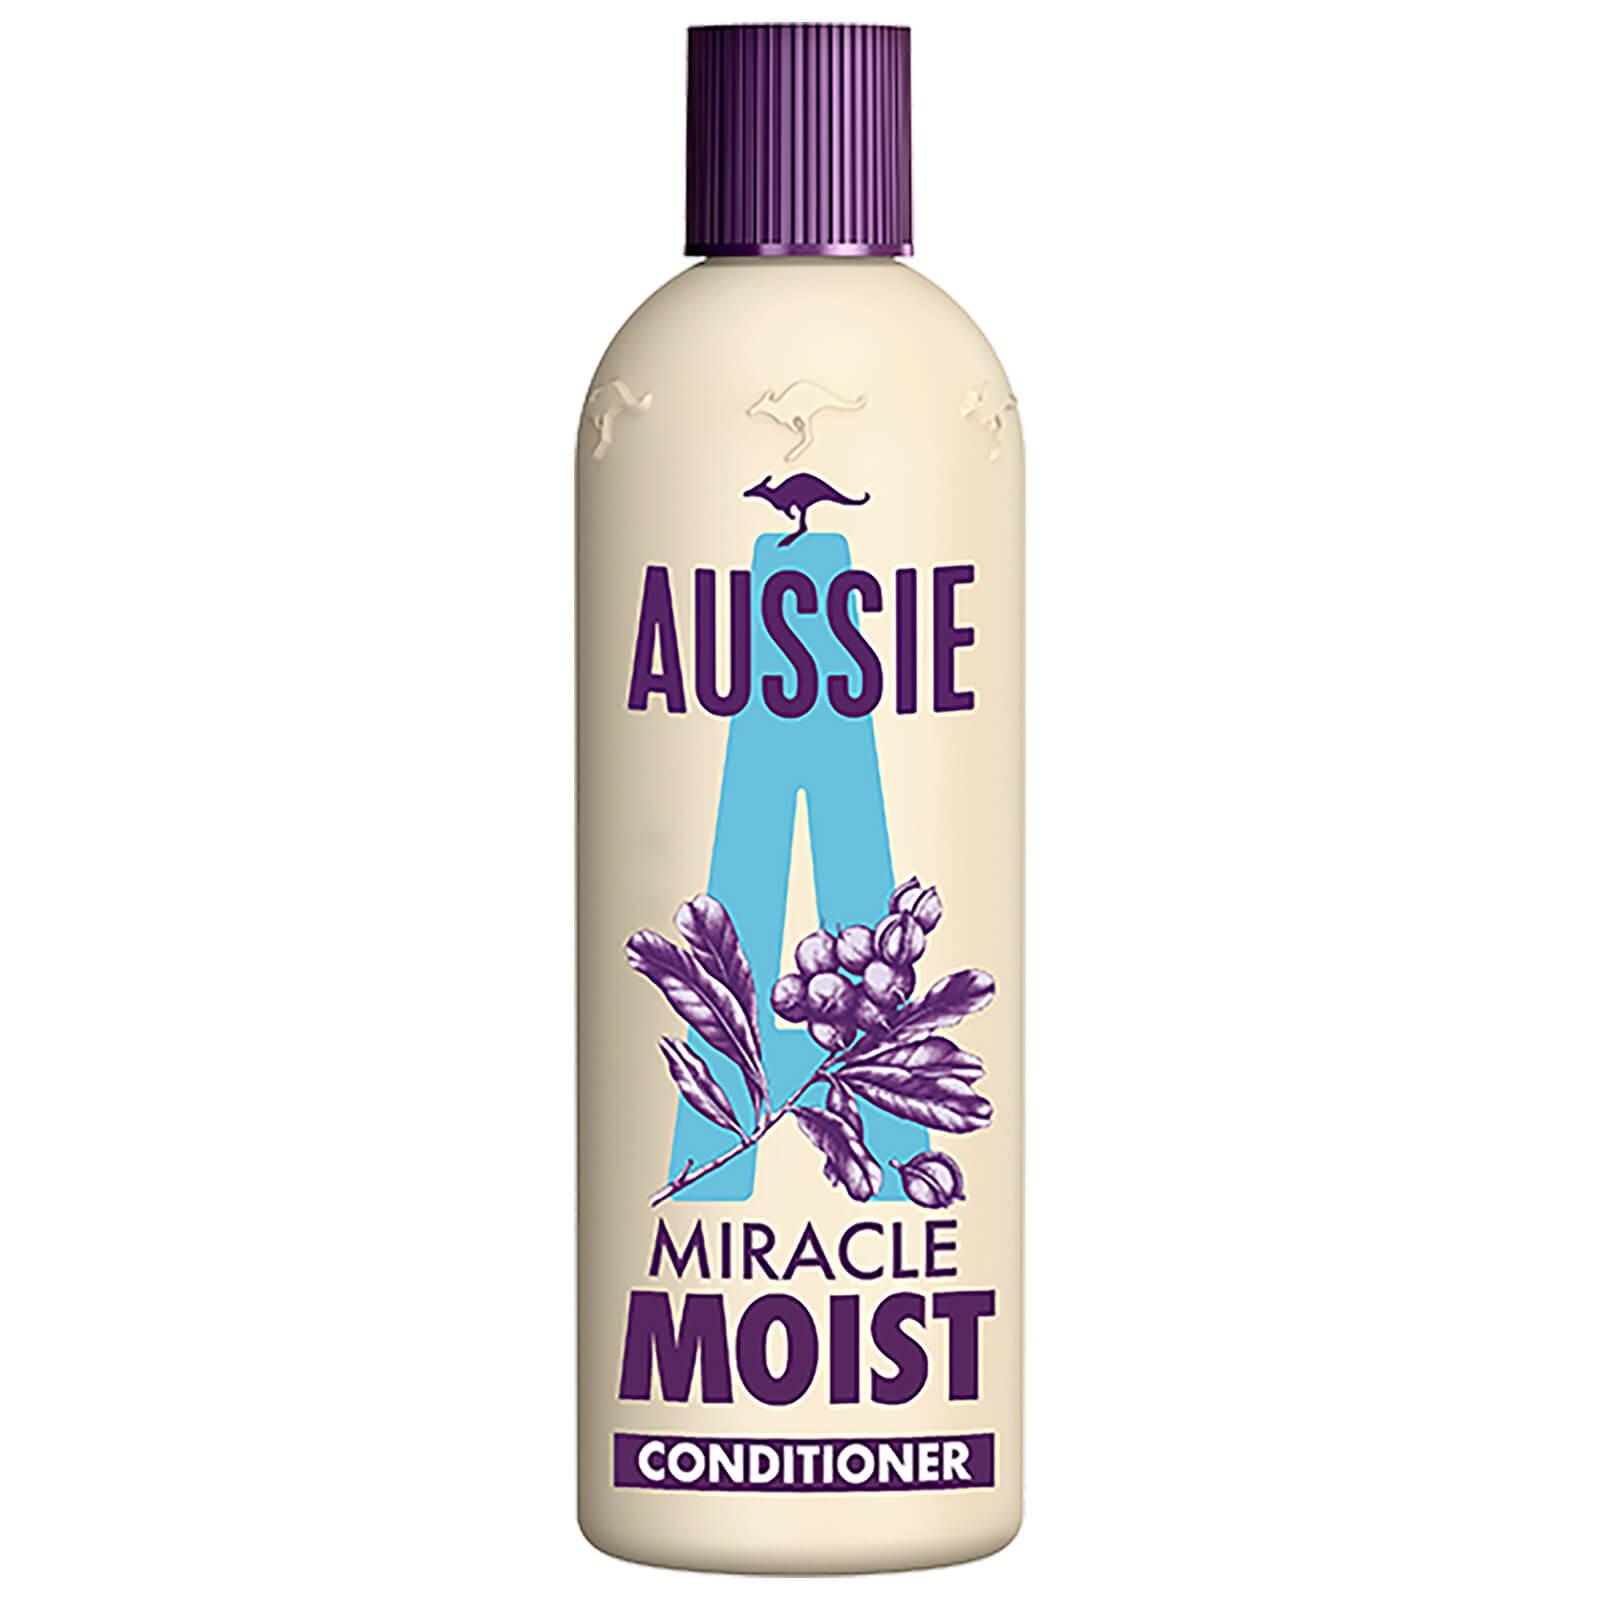 Aussie Miracle Moist Hair Conditioner 250ml